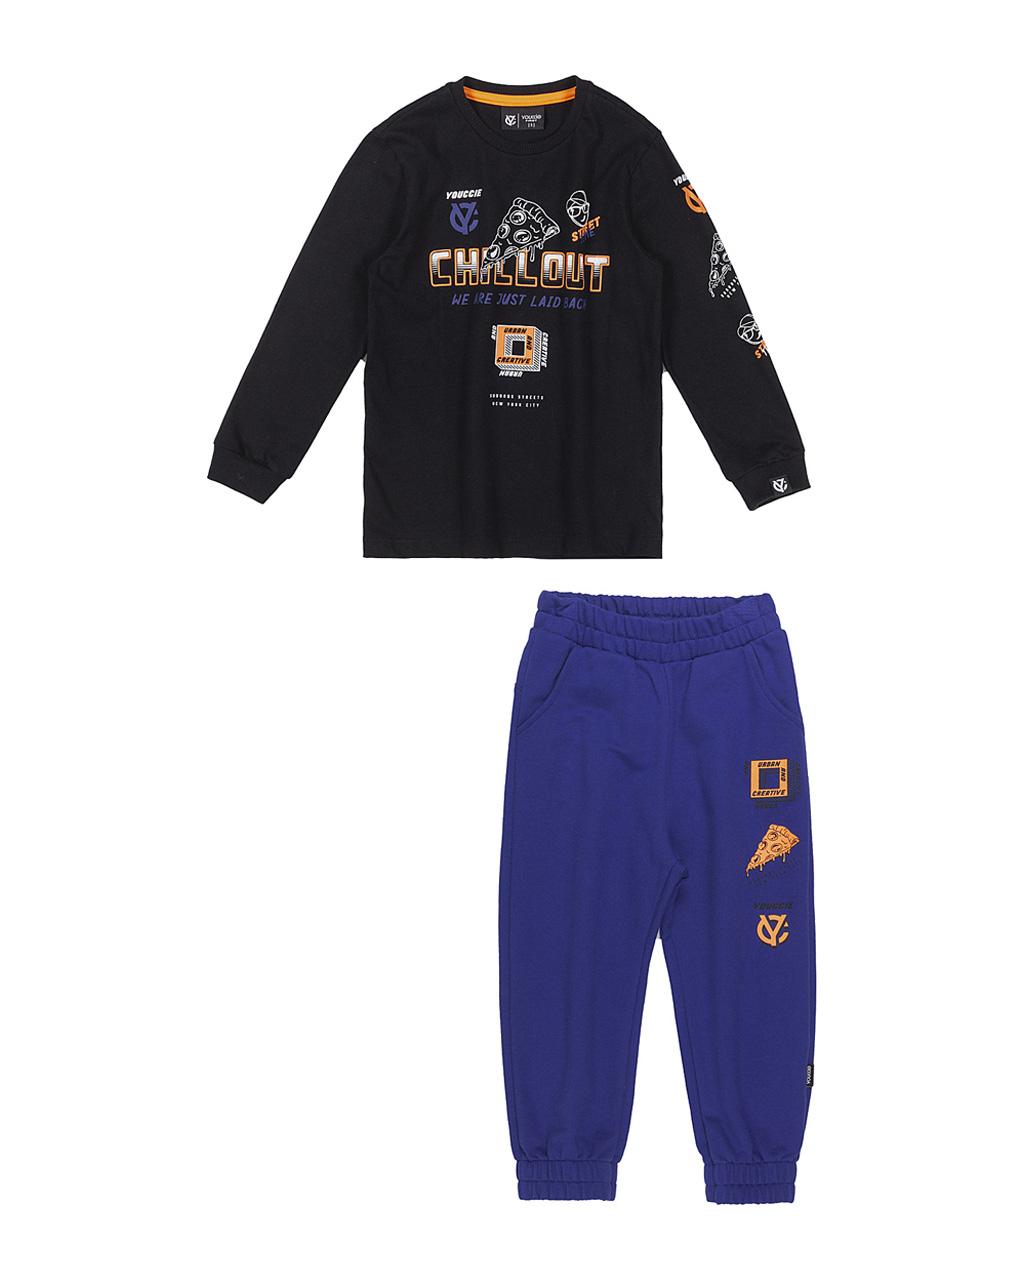 Conjunto First T-Shirt E Calça Moletom Chillout Youccie